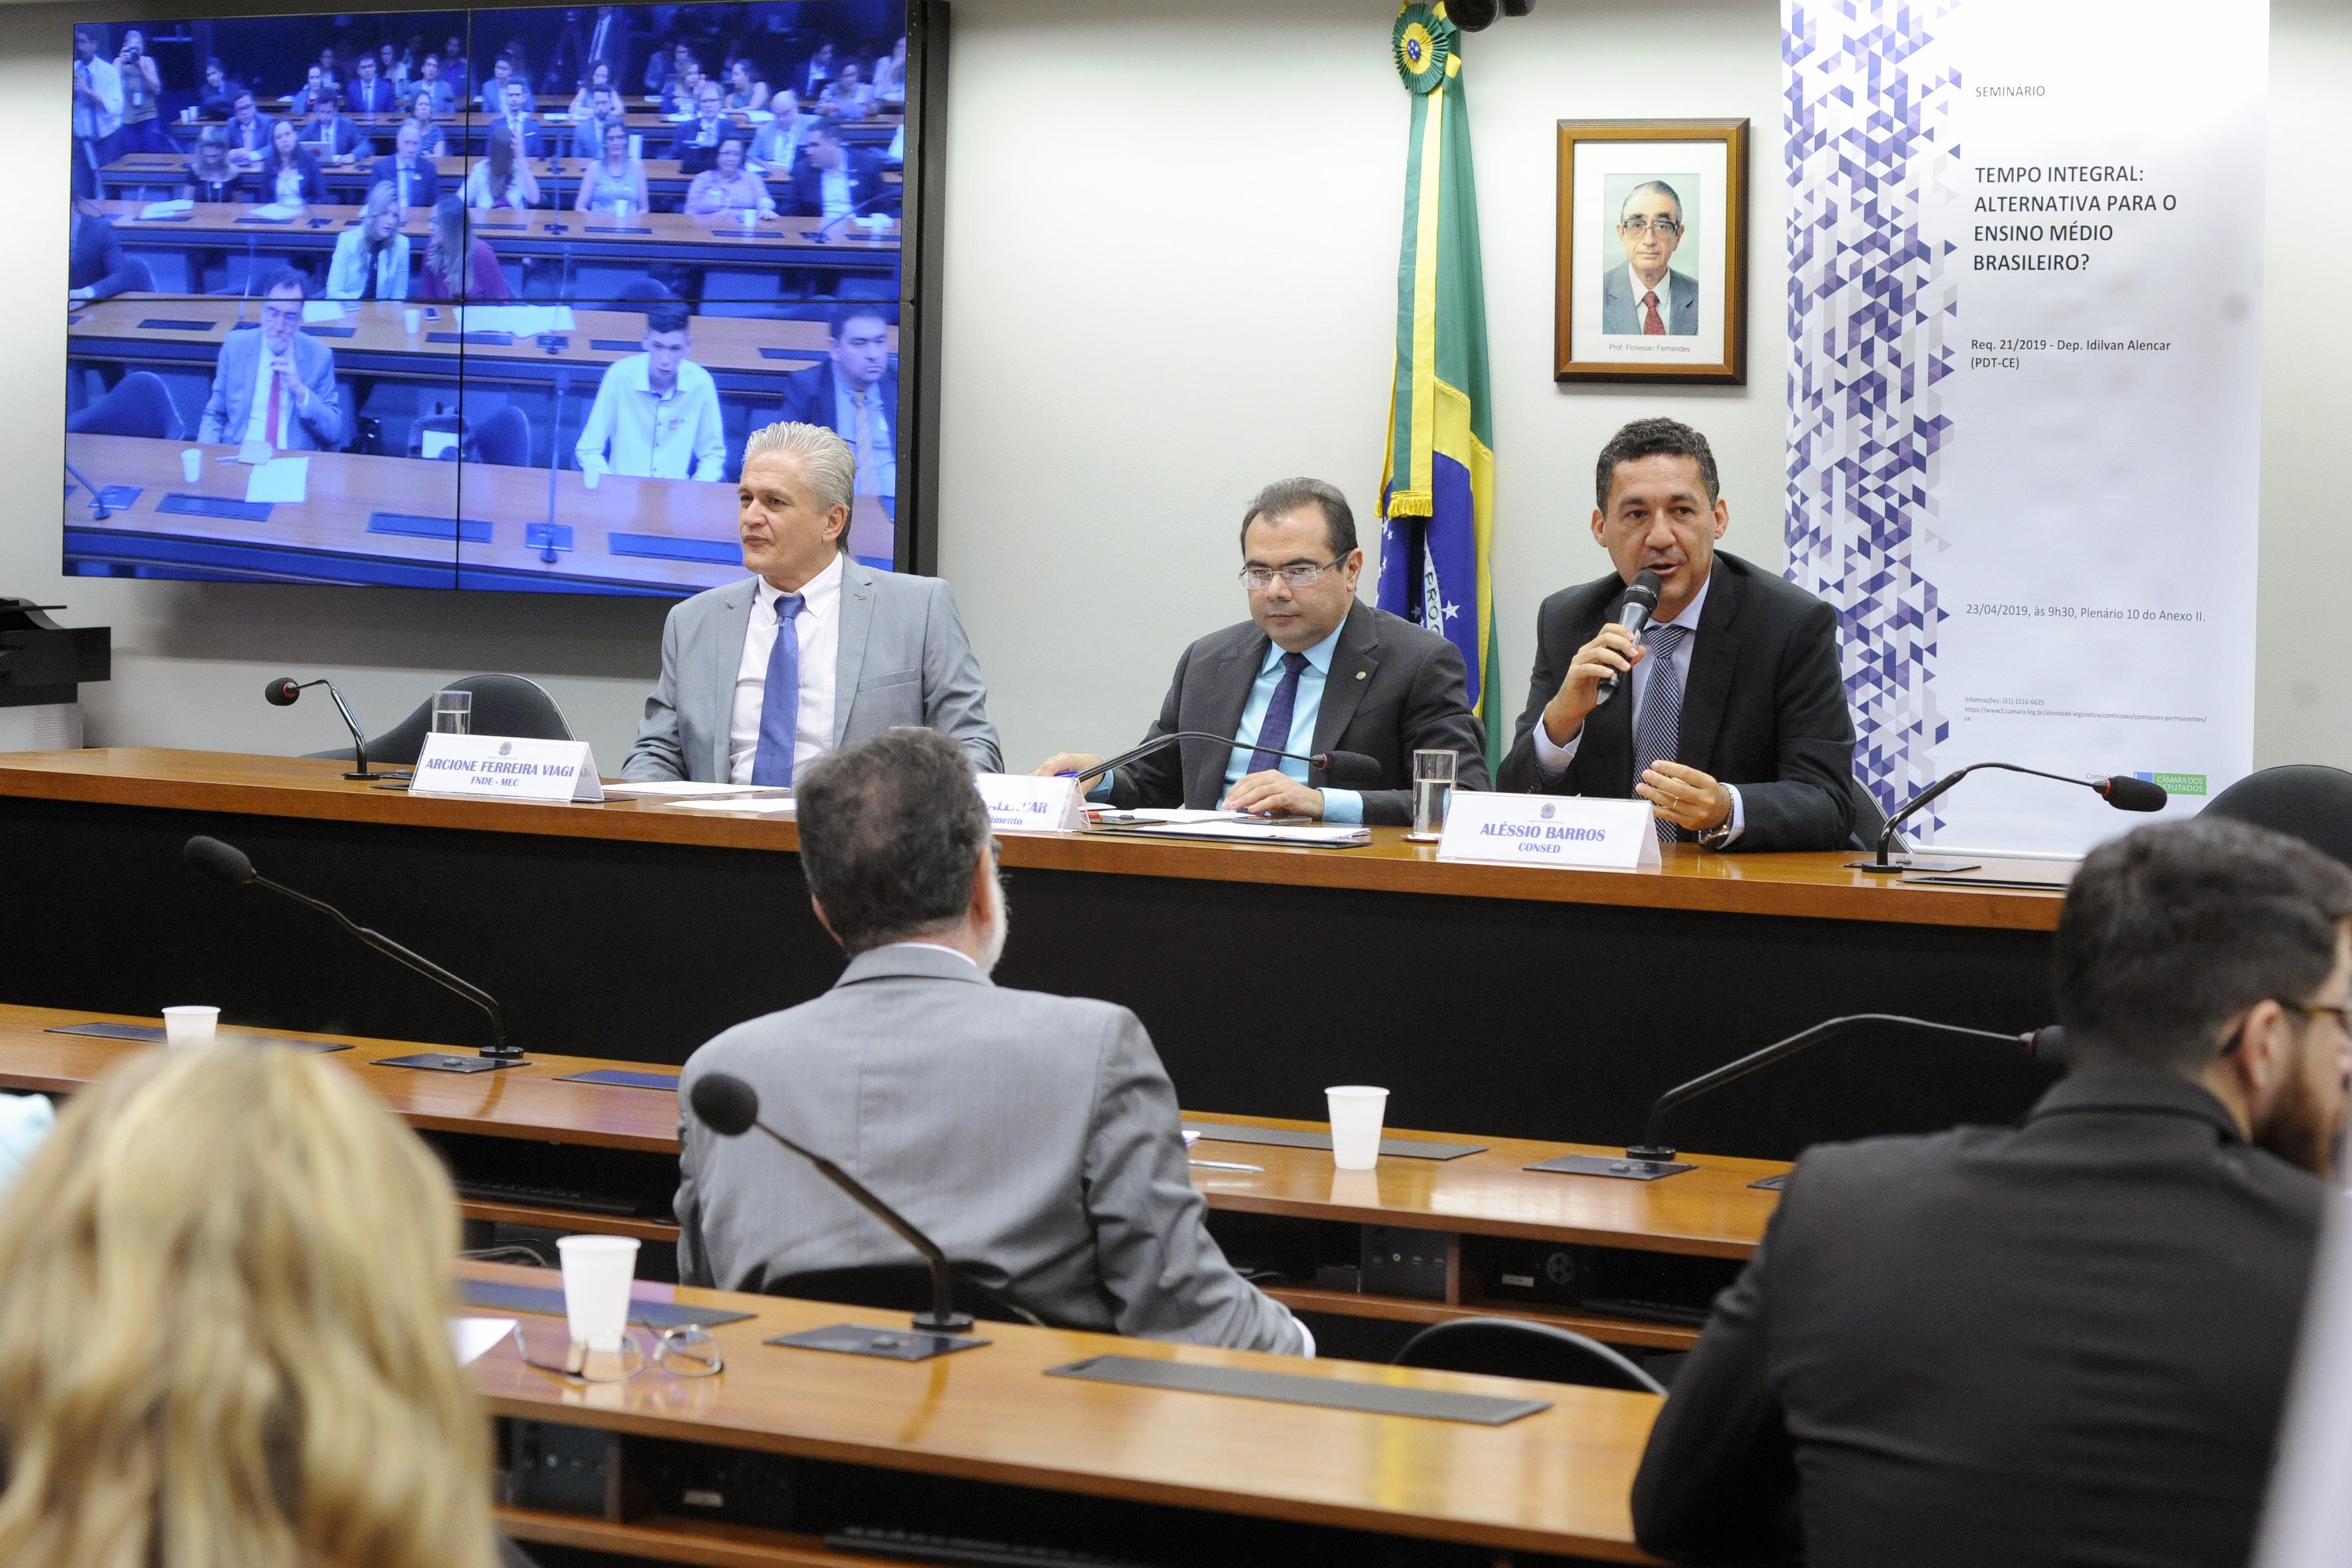 Seminário: O Ensino Médio em Tempo Integral - Alternativa para o Ensino Médio Brasileiro?